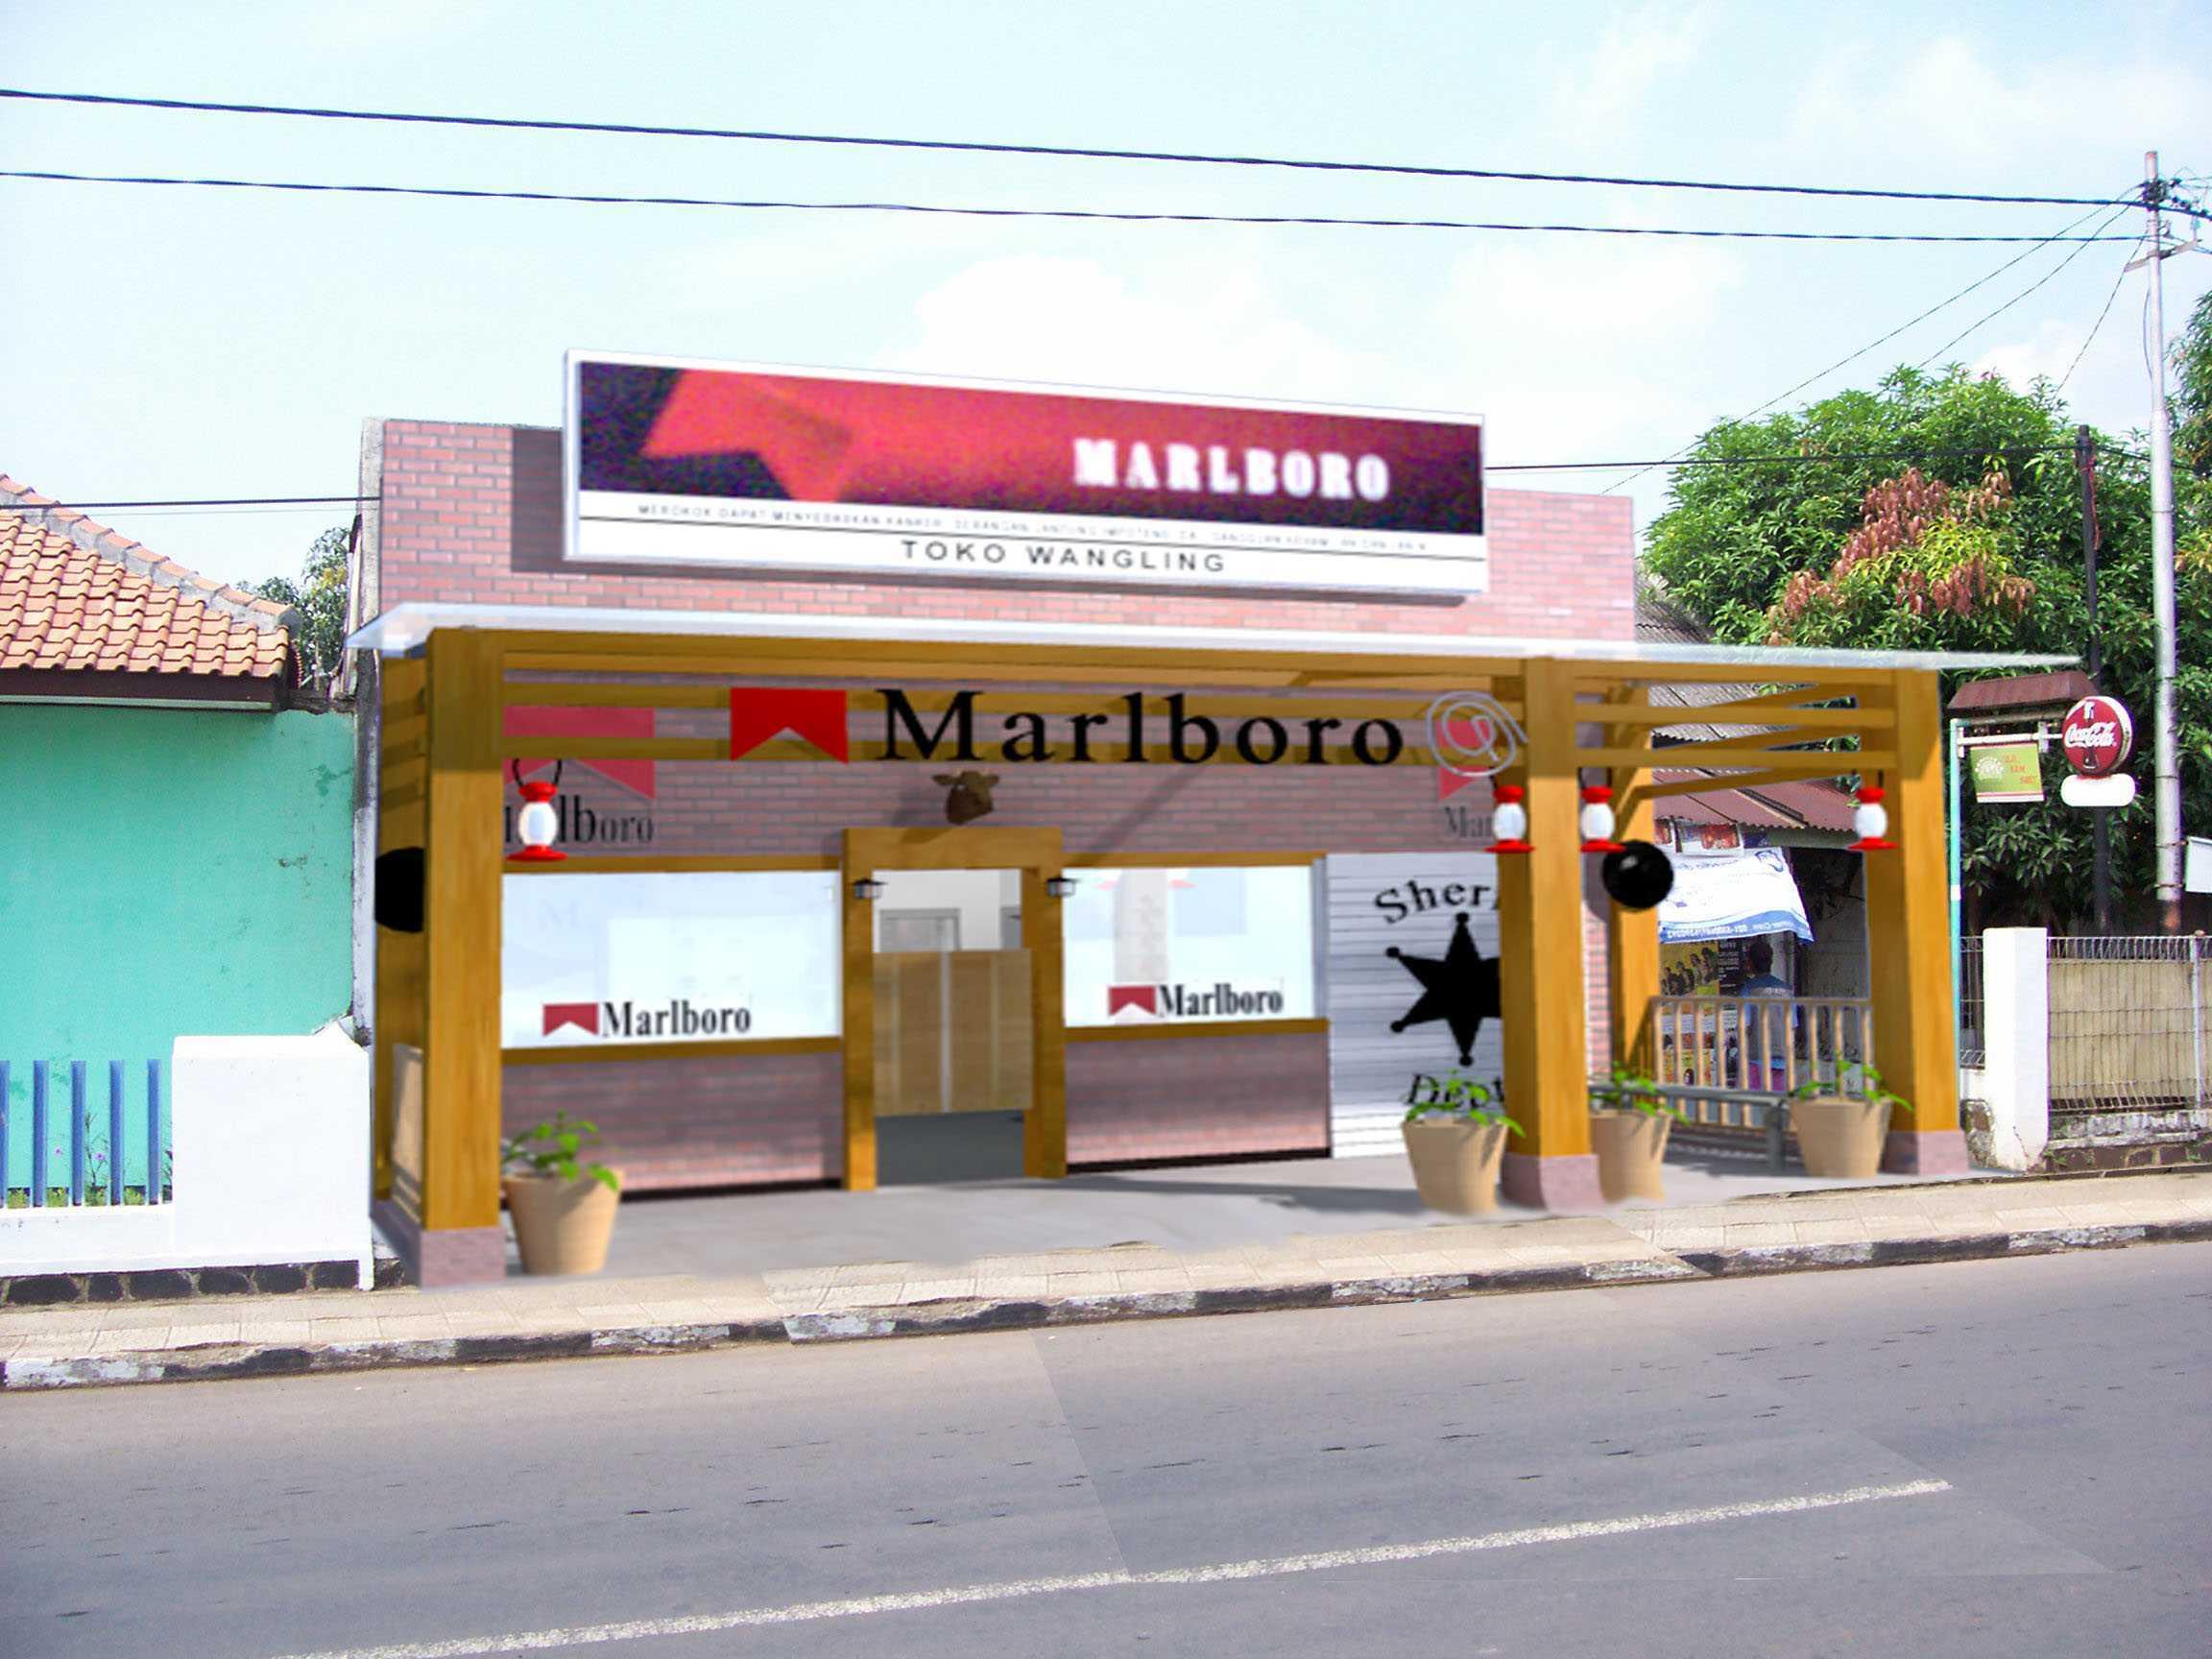 Canvas Mkc Marlboro Outlet-Subang Subang - Jawa Barat Subang - Jawa Barat Front View Industrial  21131